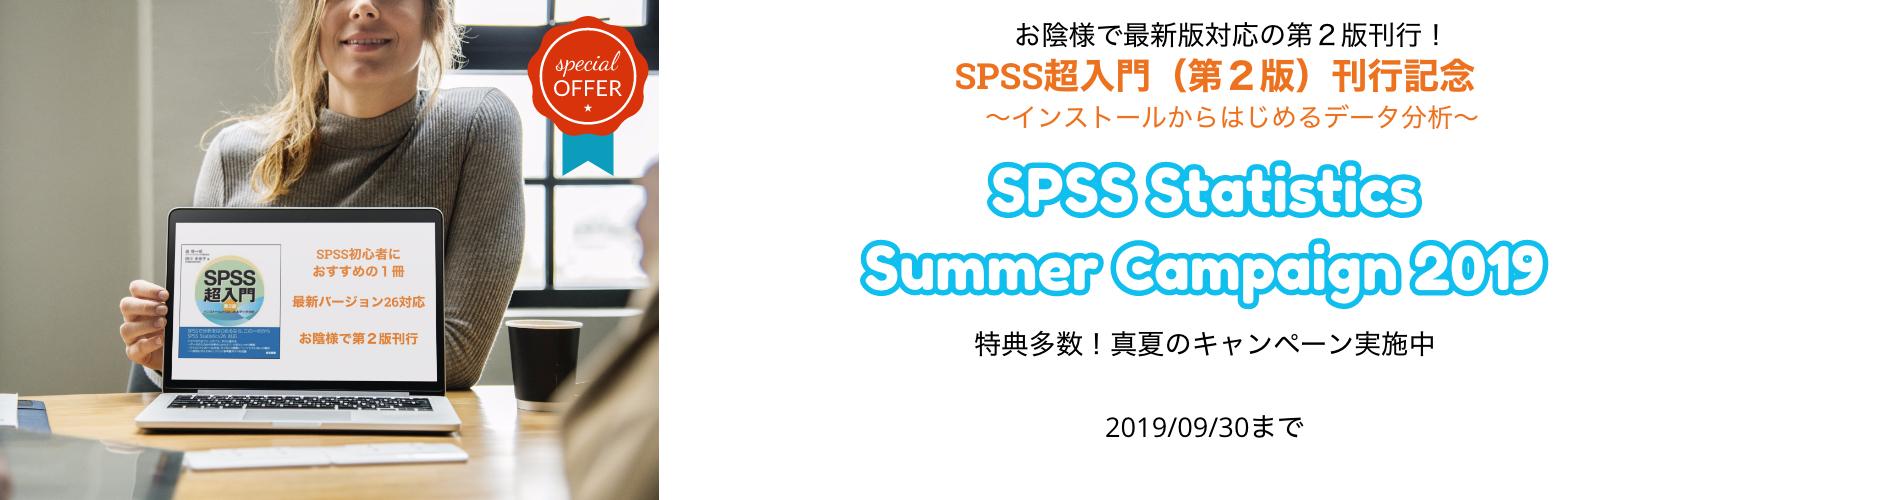 SPSSサマーキャンペーン